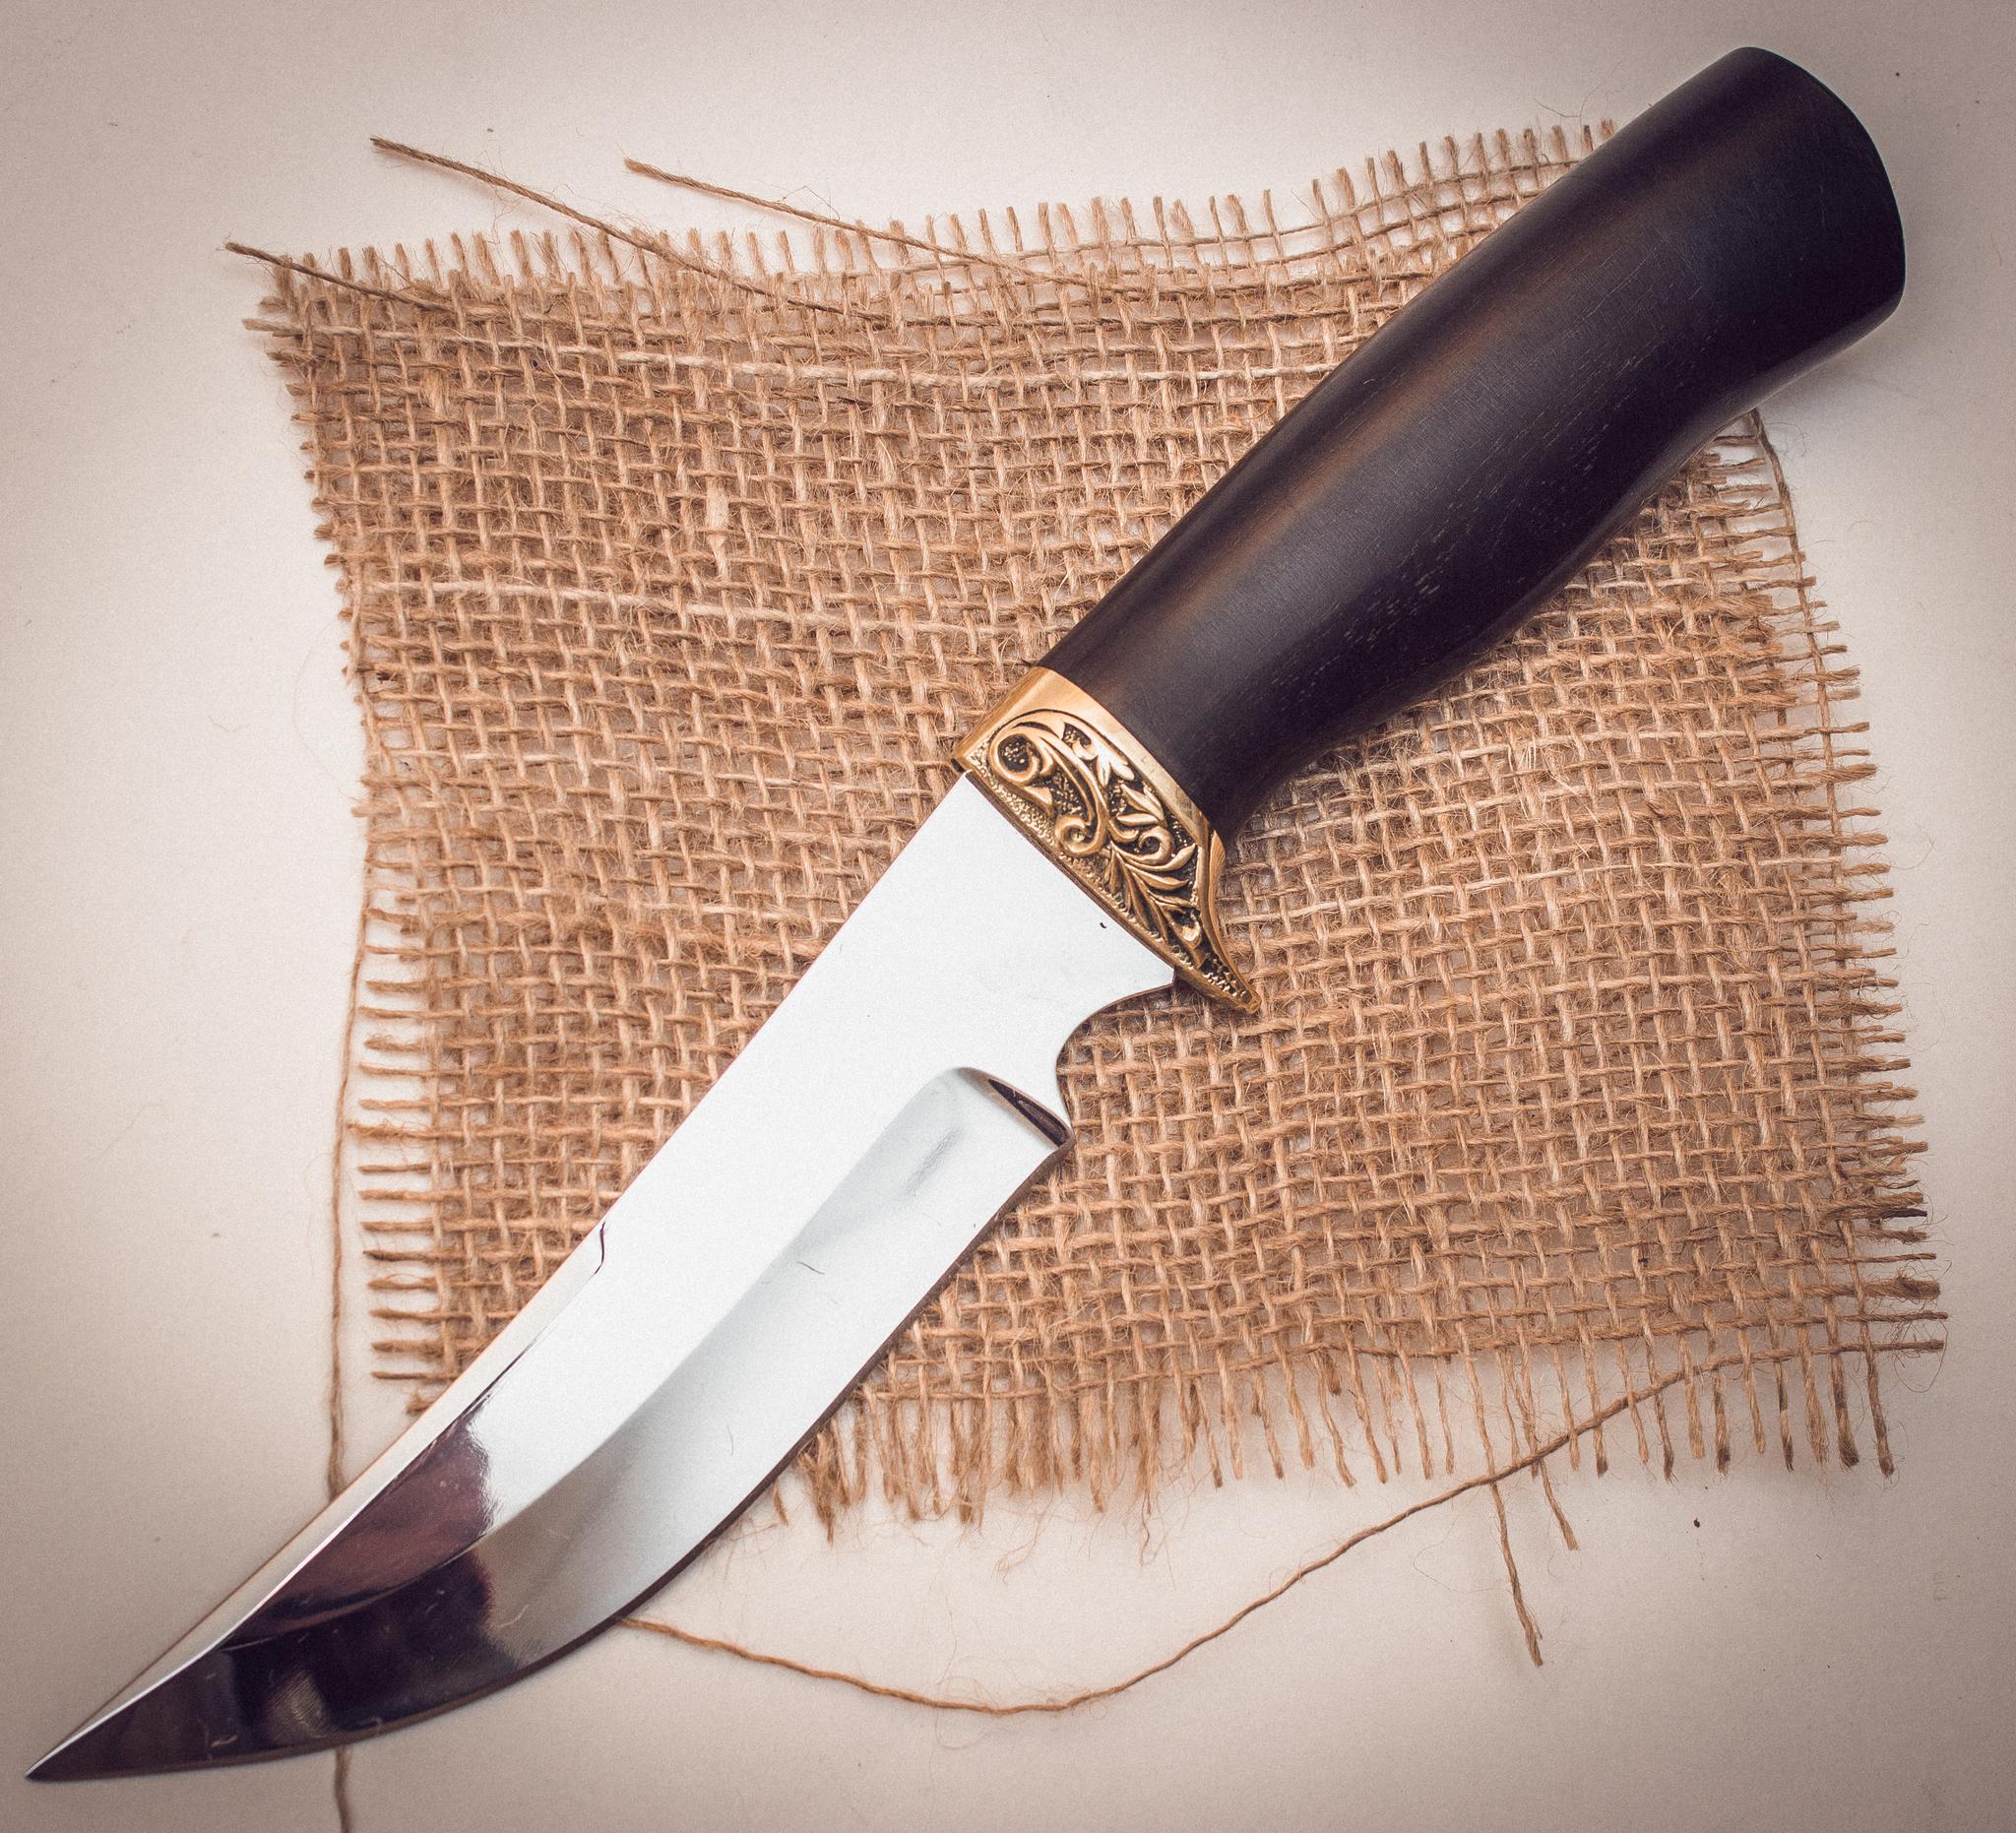 Нож Ворон, алмазная стальНожи Павлово<br>Нож Ворон, изготавливается вручную из высококачественных кованых и нержавеющих сталей, с применением традиционных и экзотических пород древесины, а так же других современных материалов, по Вашему заказу. Каждый нож собирается одним мастером специально для Вас и имеет расширенную гарантию. Данный нож не относится к холодному оружию согласно требованиям ГОСТ РФ, имеет соответствующий сертификат и разрешен к свободной продаже и ношению.<br>